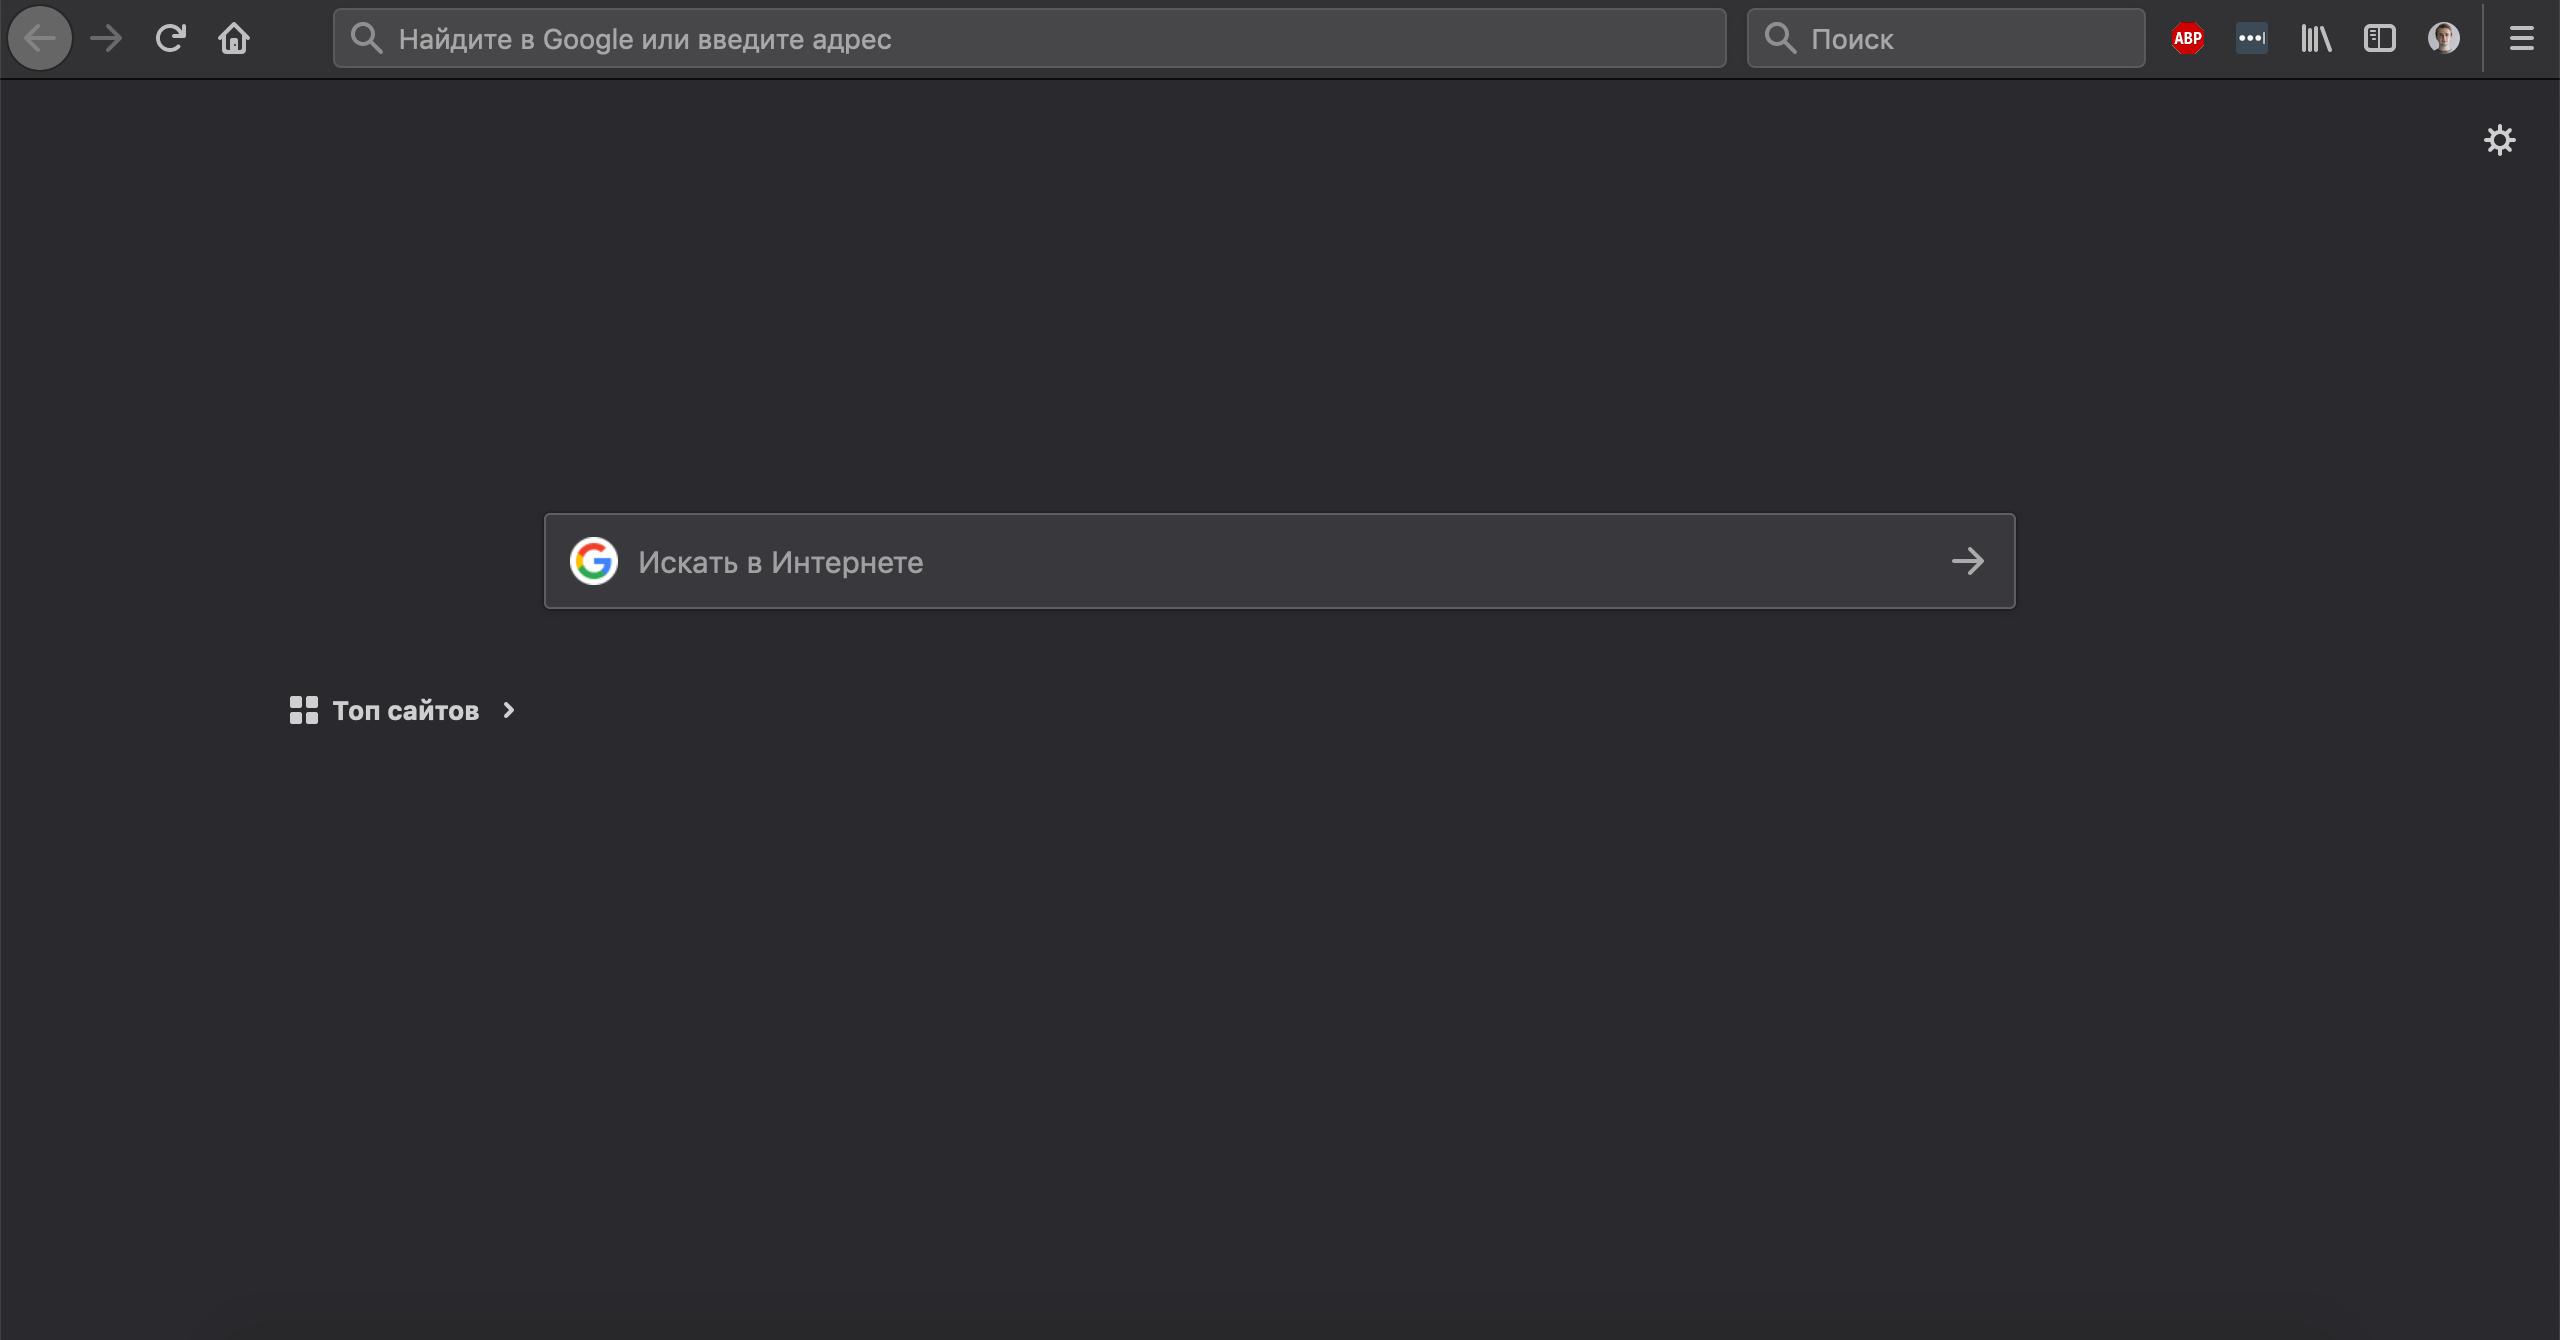 Нажать на шестеренку для настроек в Firefox